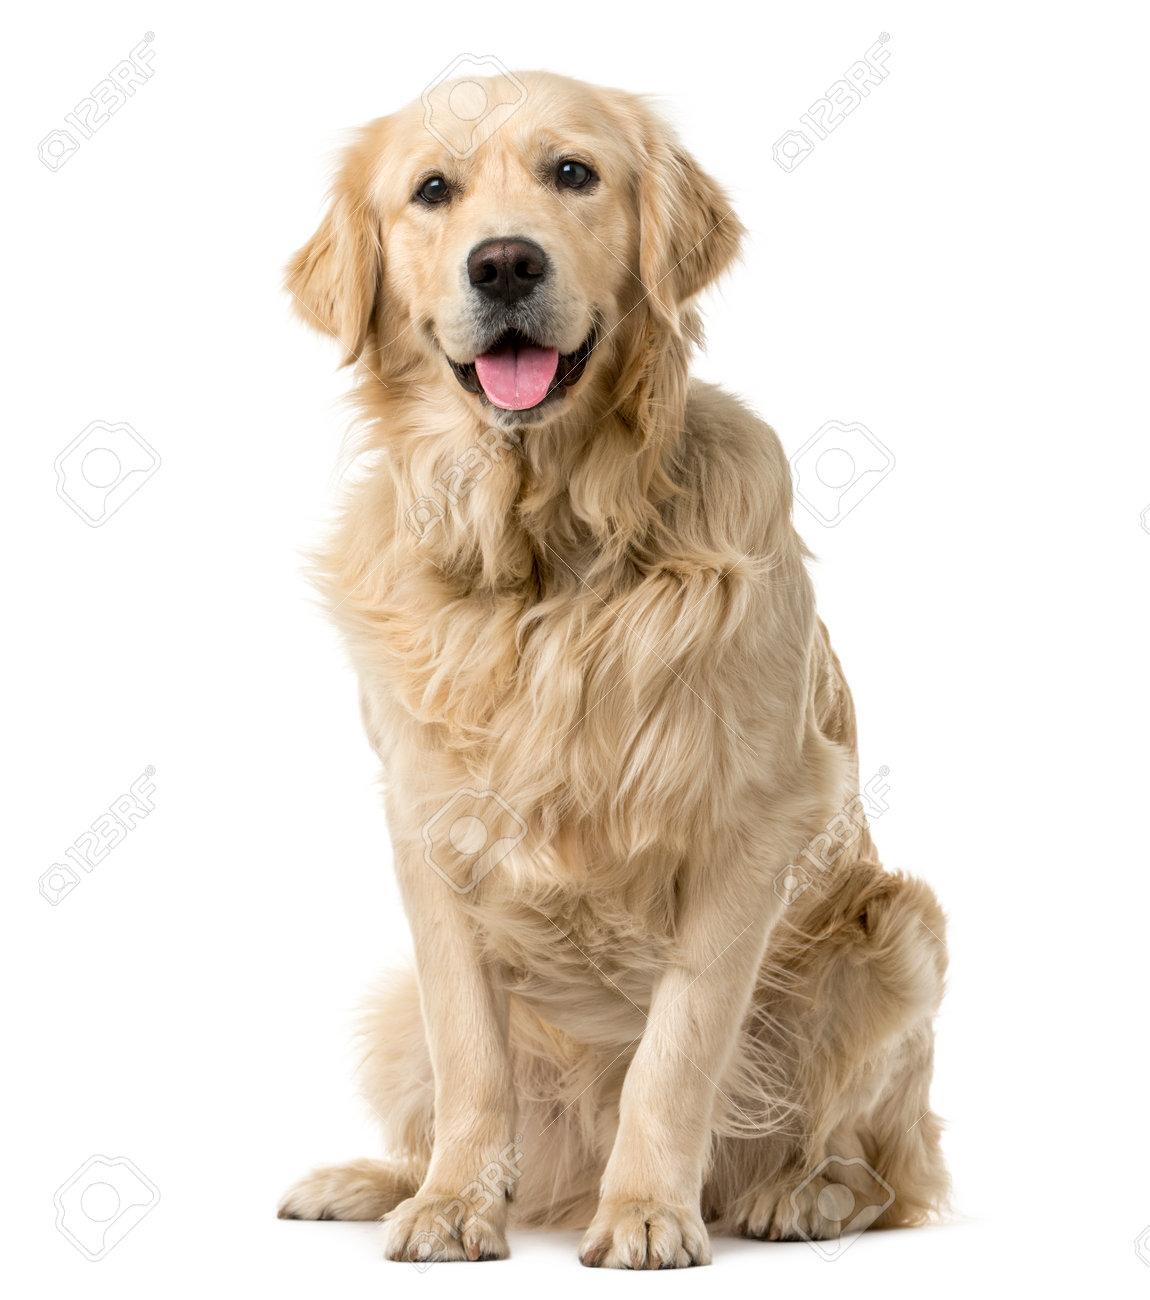 dog stock photos royalty free dog images